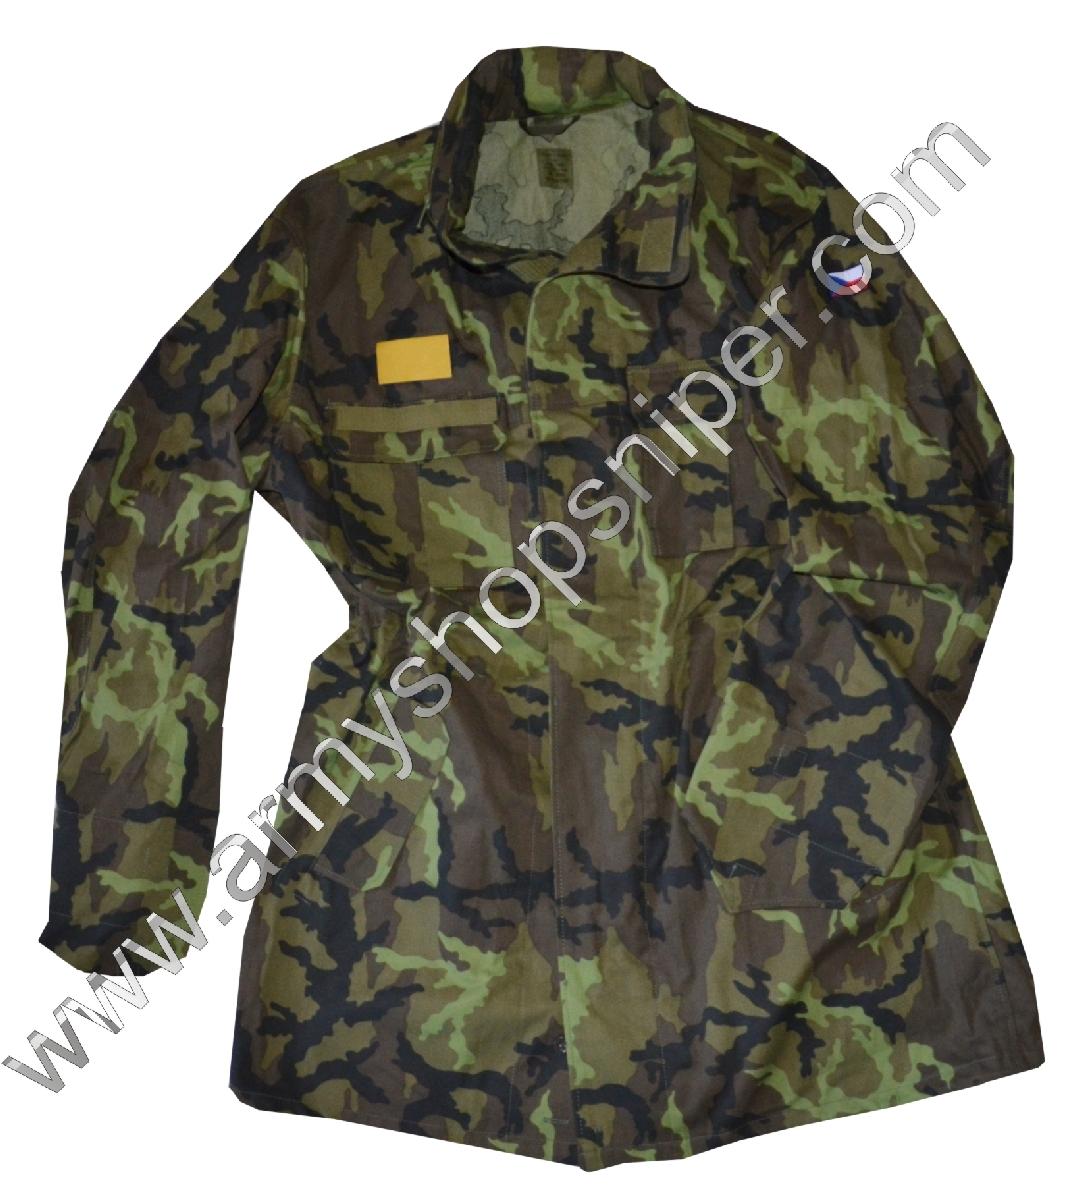 Kongo, kabát vz.95 AČR